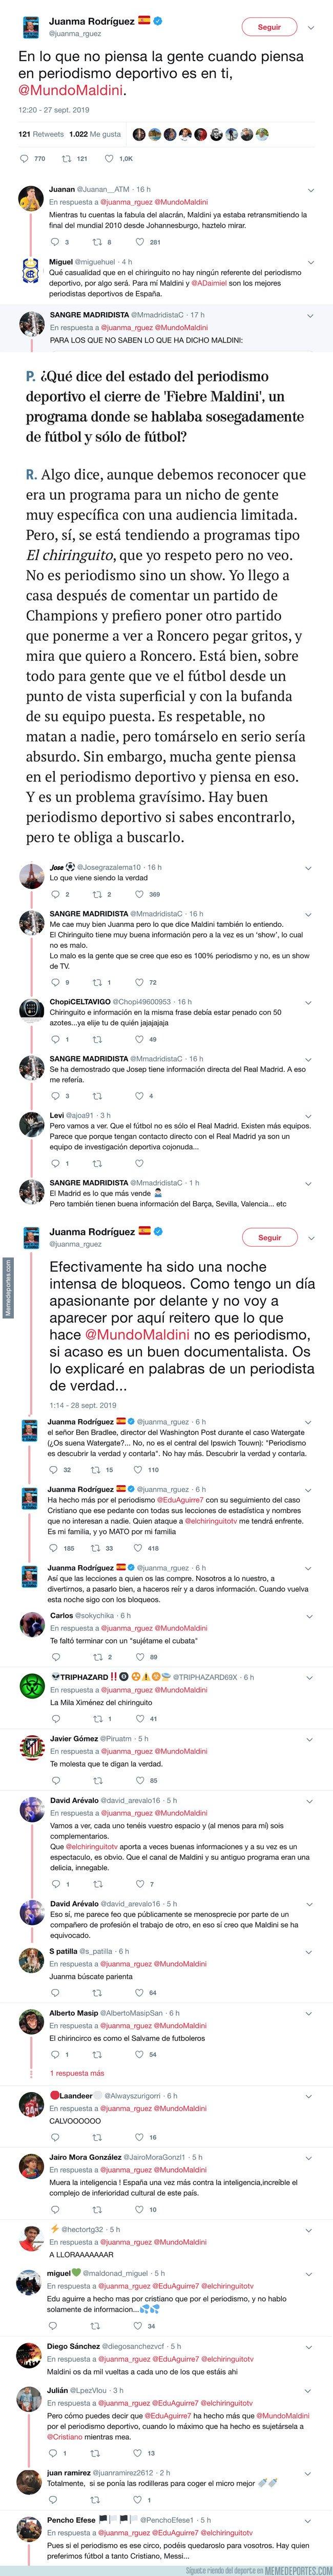 1087004 - Juanma Rodríguez ataca duramente a Julio Maldini por su periodismo y Twitter le responde con mucha más dureza